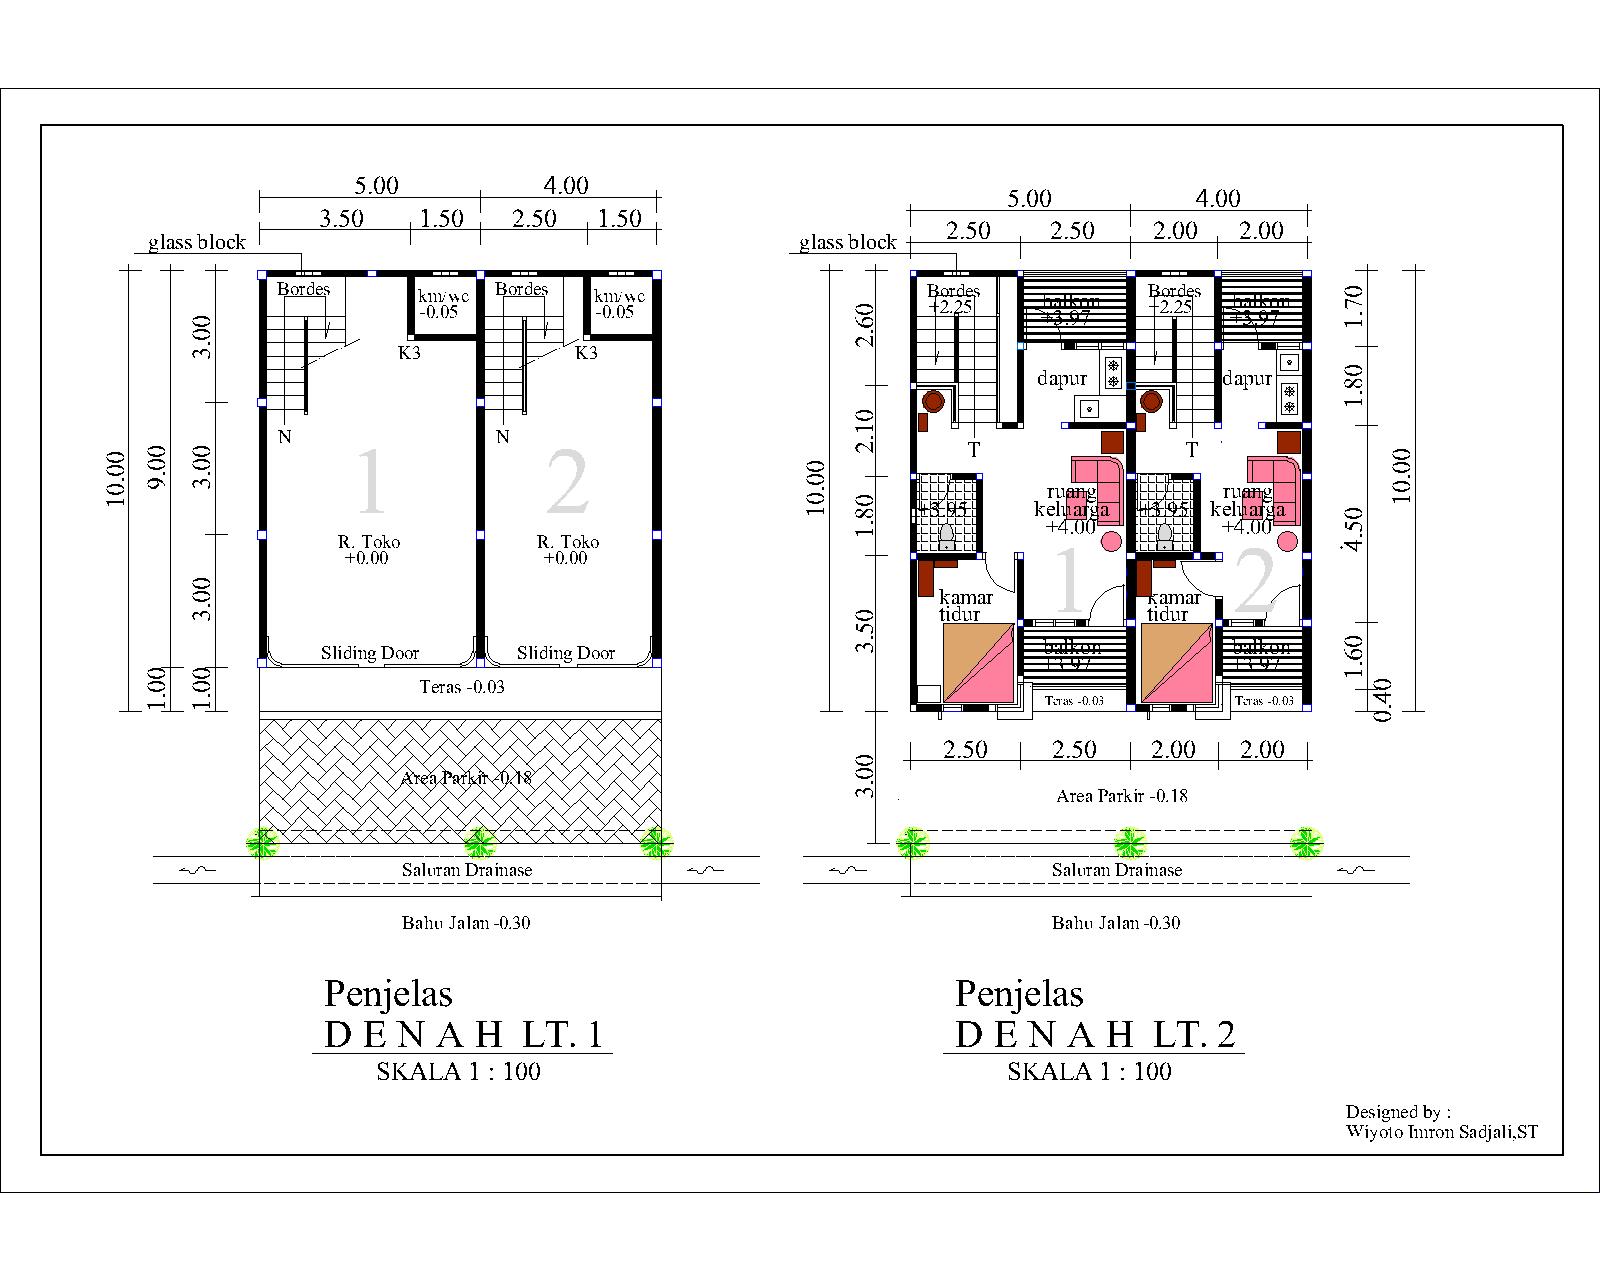 Desain Rumah 1 Lantai Ukuran 5X12 Denah Rumah